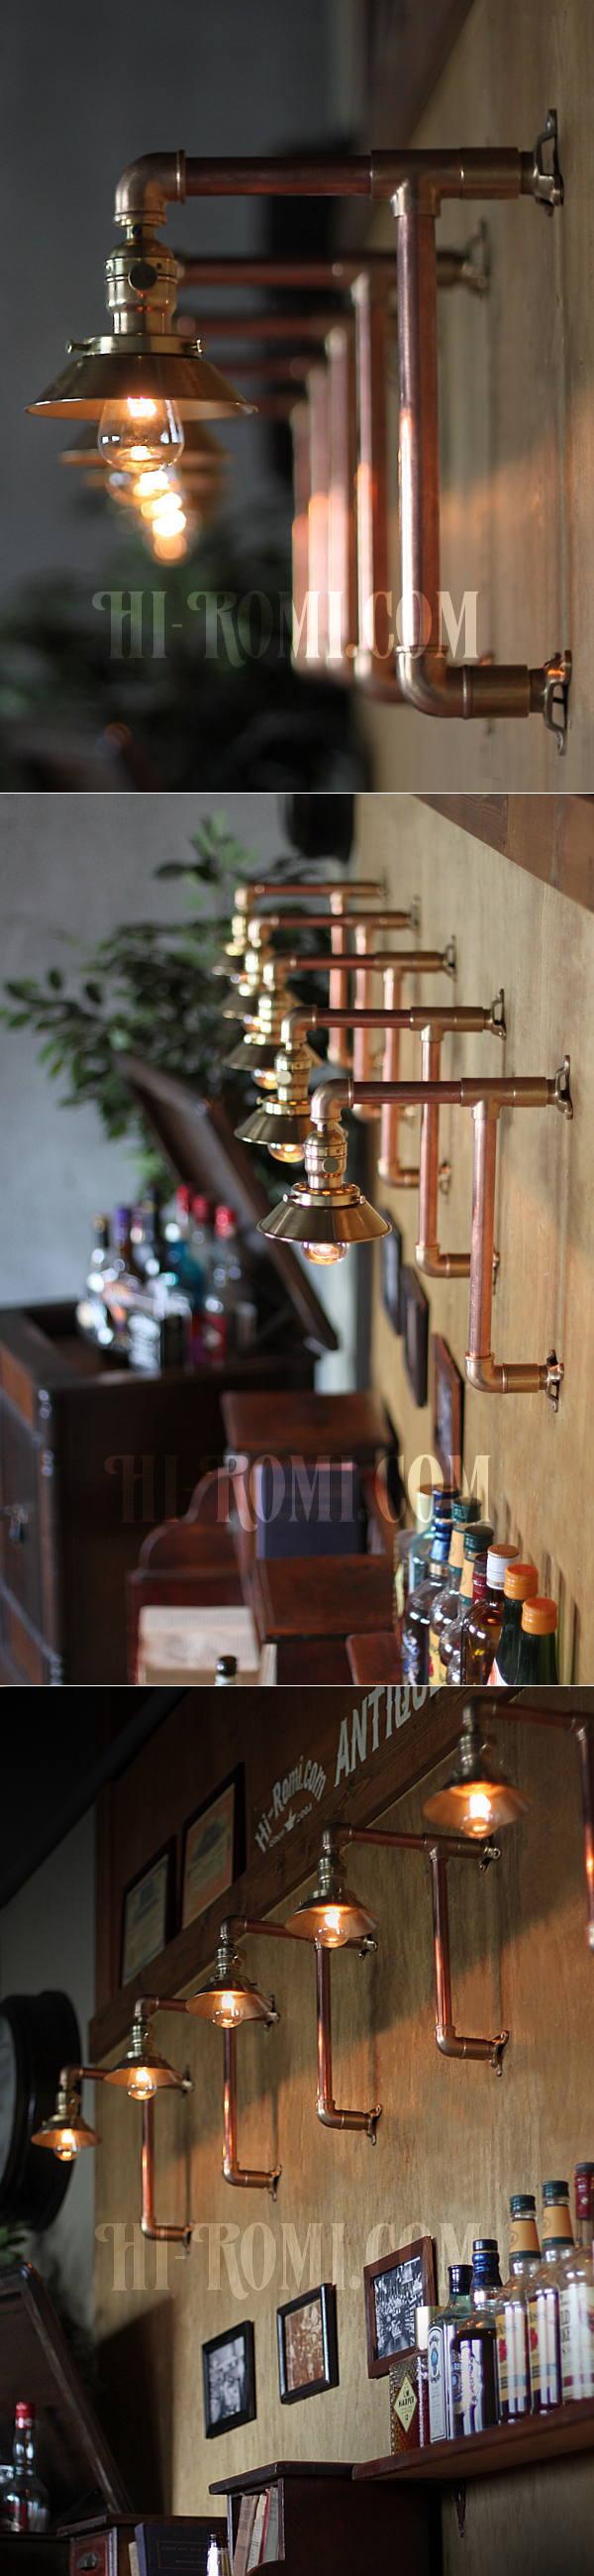 USAヴィンテージYOST社ファットボーイソケット付き2点固定式真鍮&銅製工業系ブラケット/インダストリアルスチームパンク壁掛照明ウォールランプ